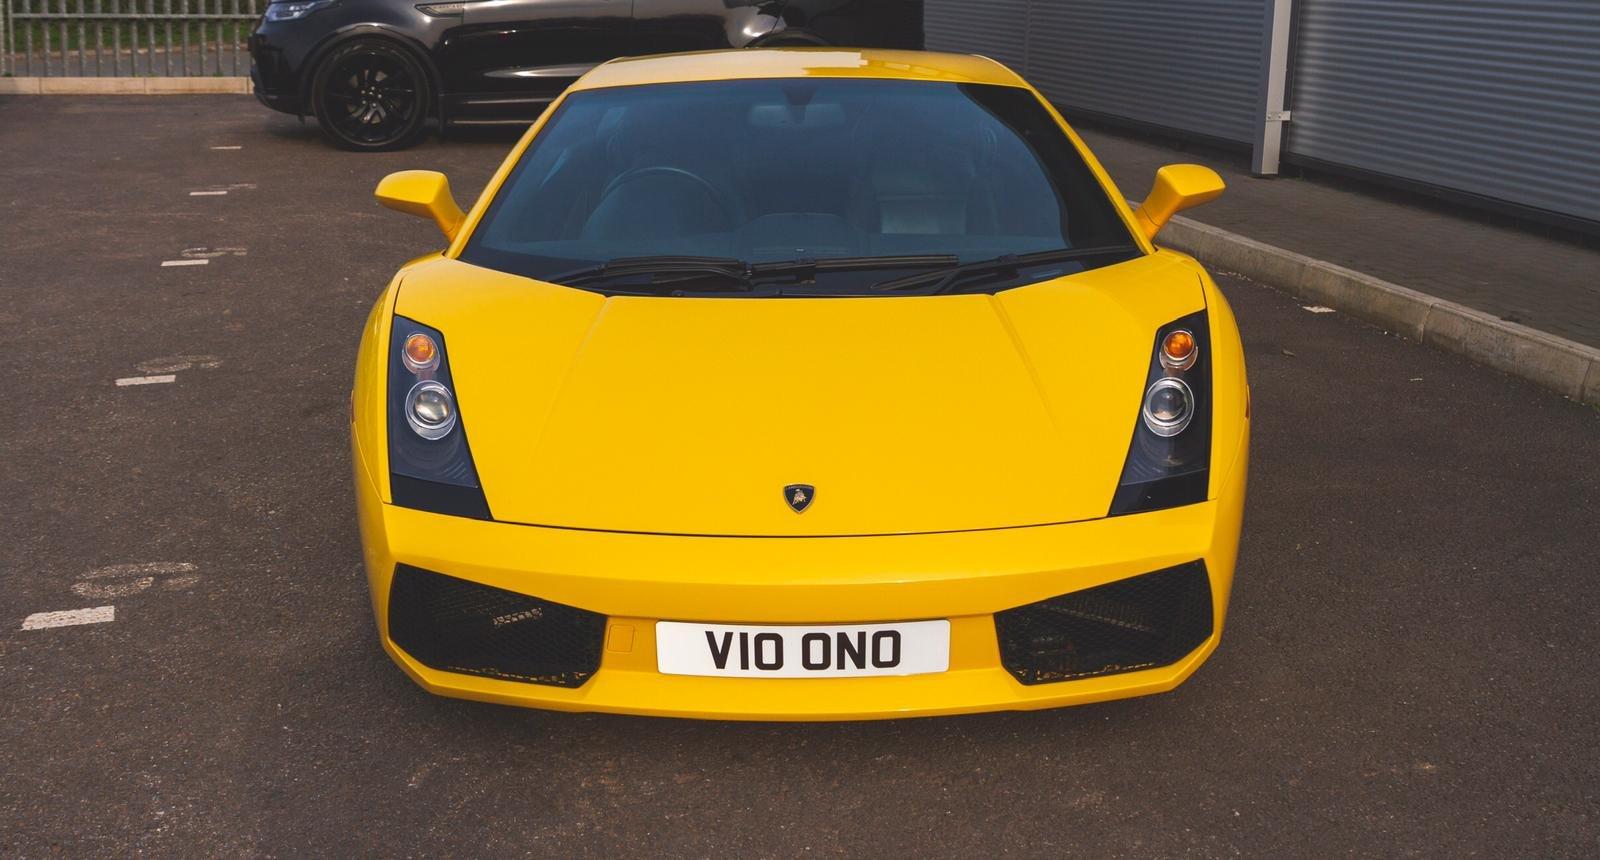 2004 Lamborghini Gallardo Pearl Yellow (E Gear) SOLD (picture 2 of 6)